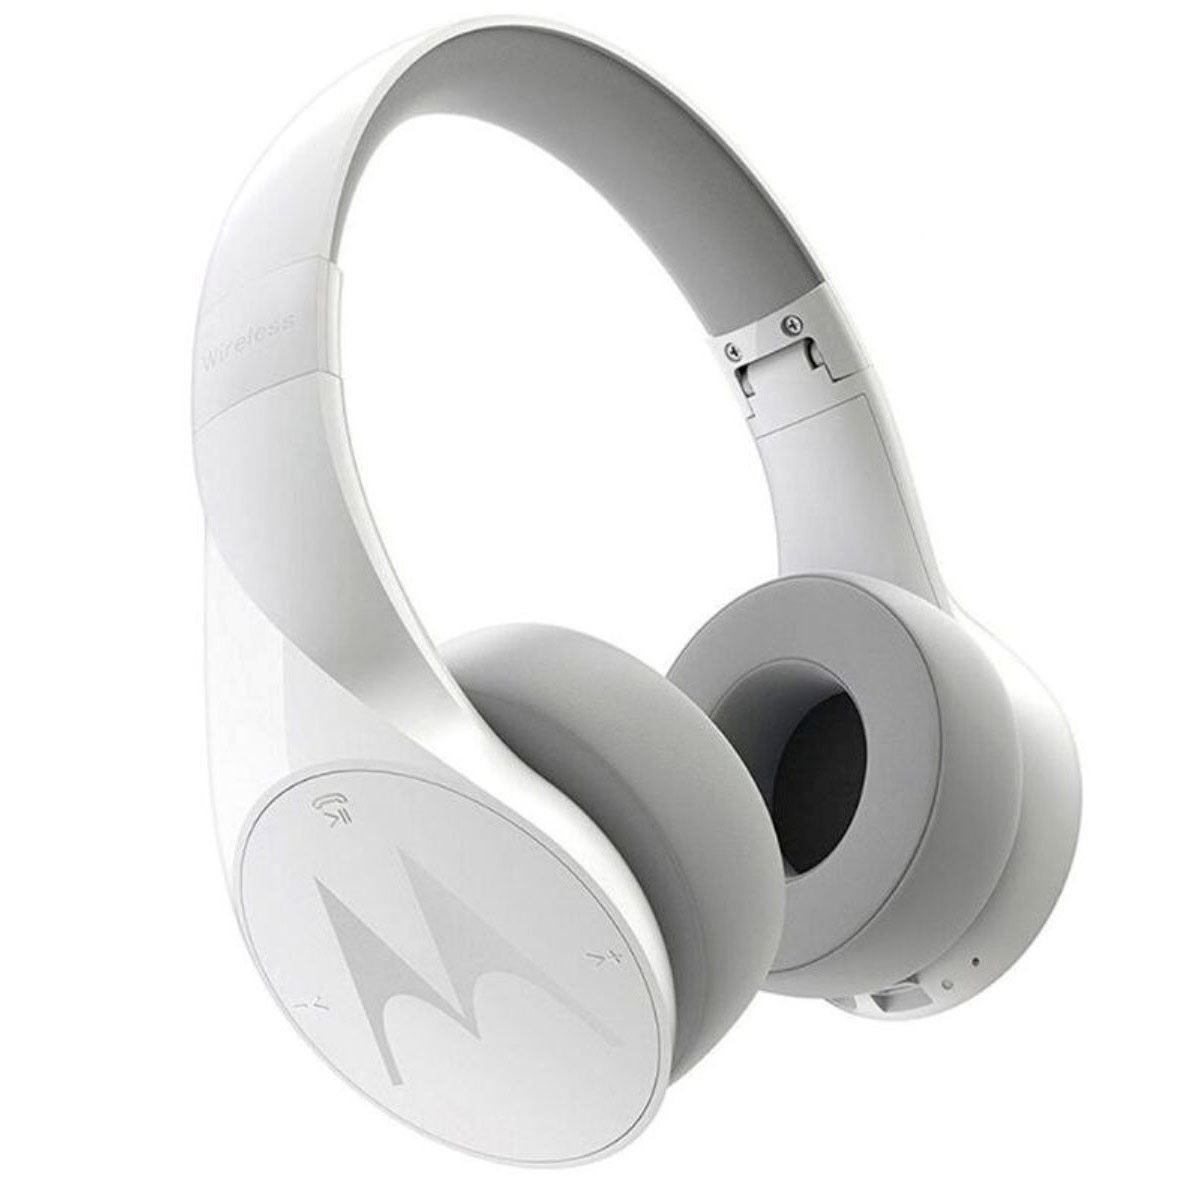 Audífonos Motorola Pulse Escape Blanco